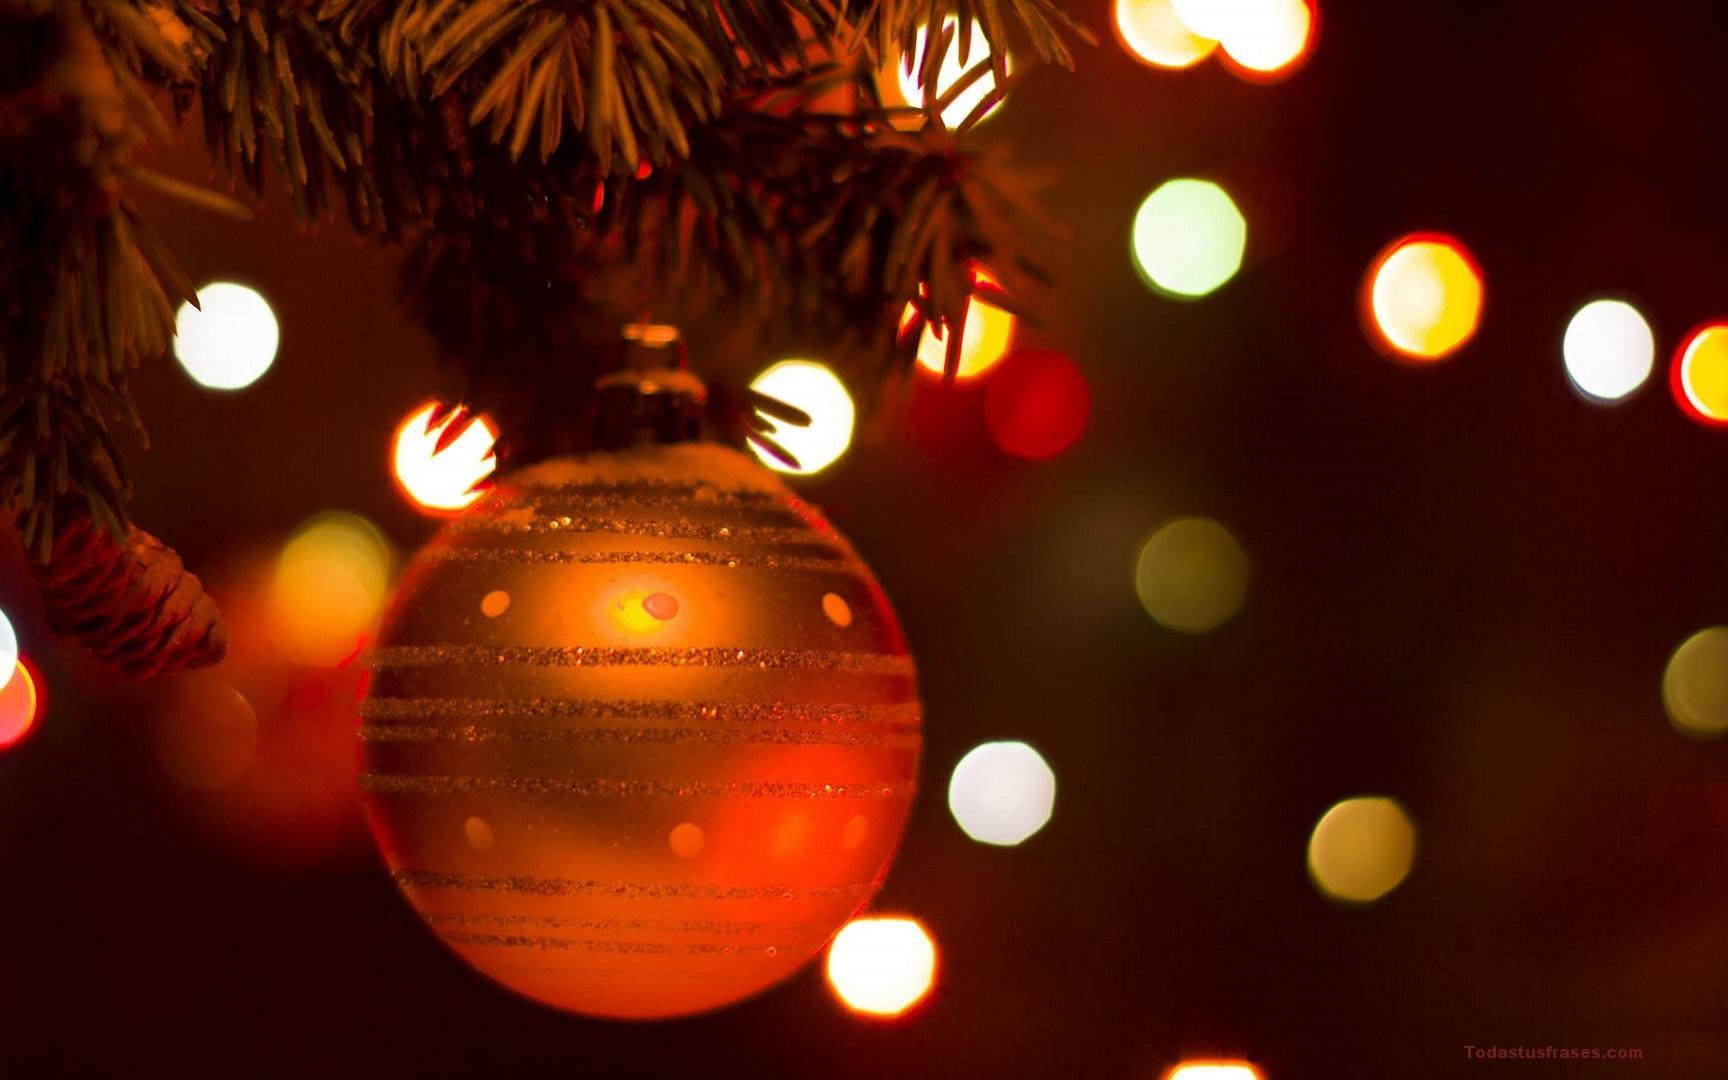 Fondos De Pantalla De Navidad: Fondos De Pantalla De Navidad